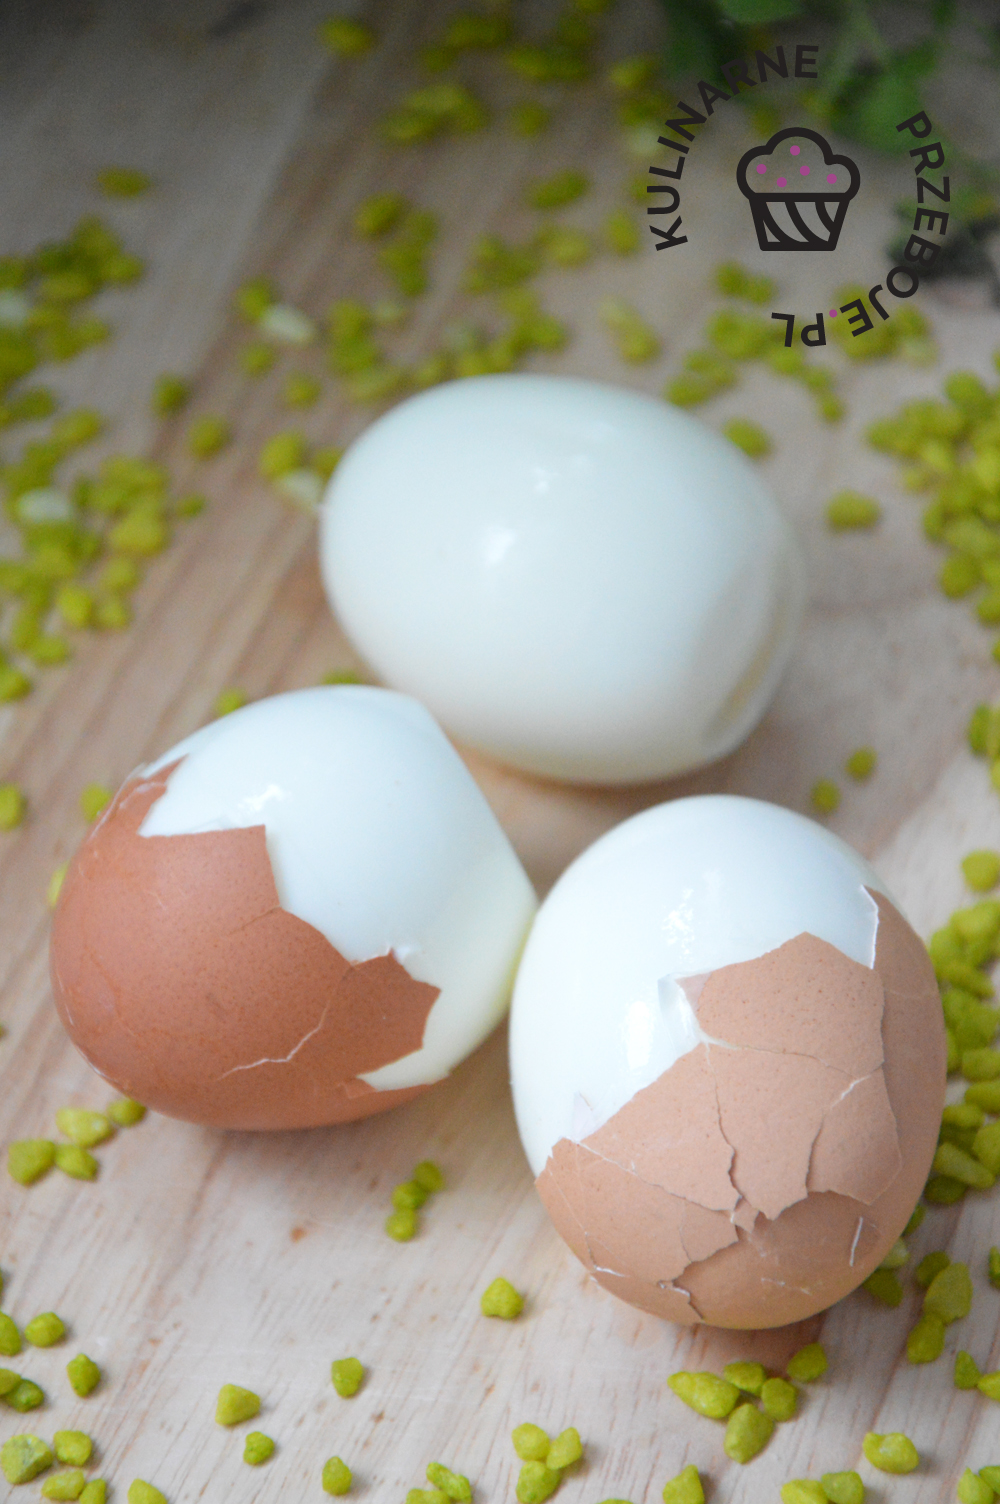 jak szybko i ładnie obrać jajka